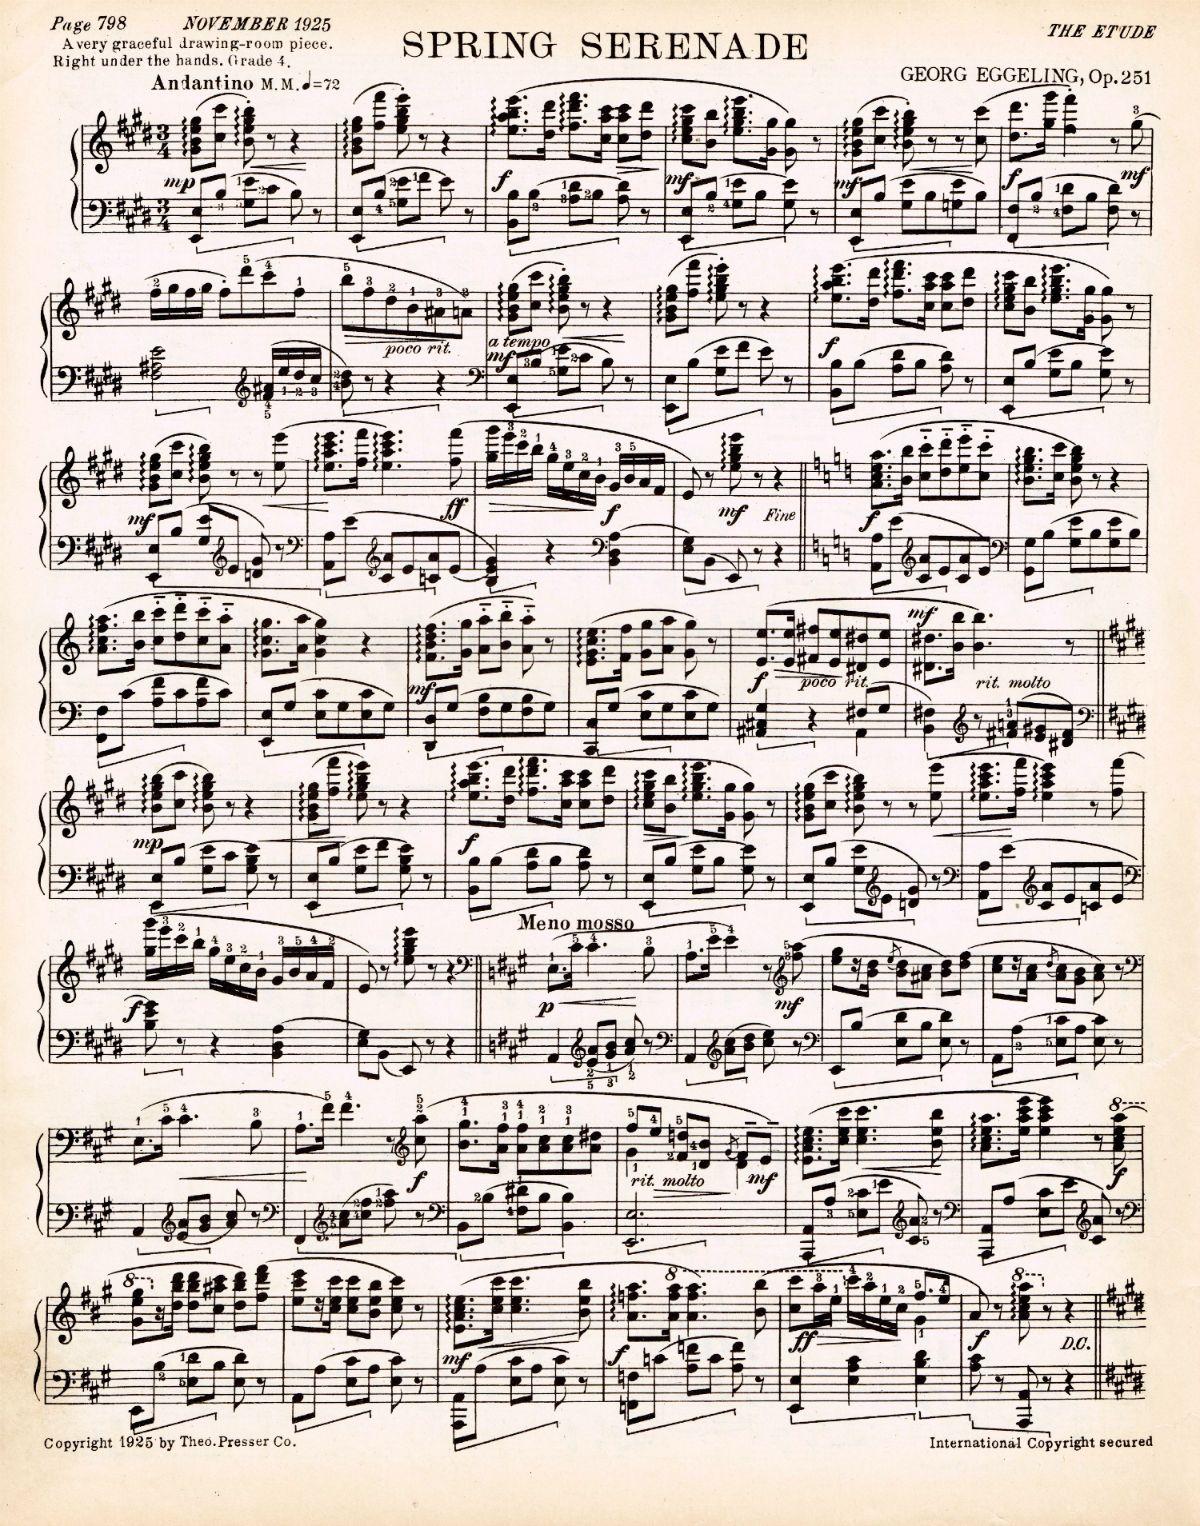 Spring-printable-antique-sheet-music1.jpg (1200×1526)